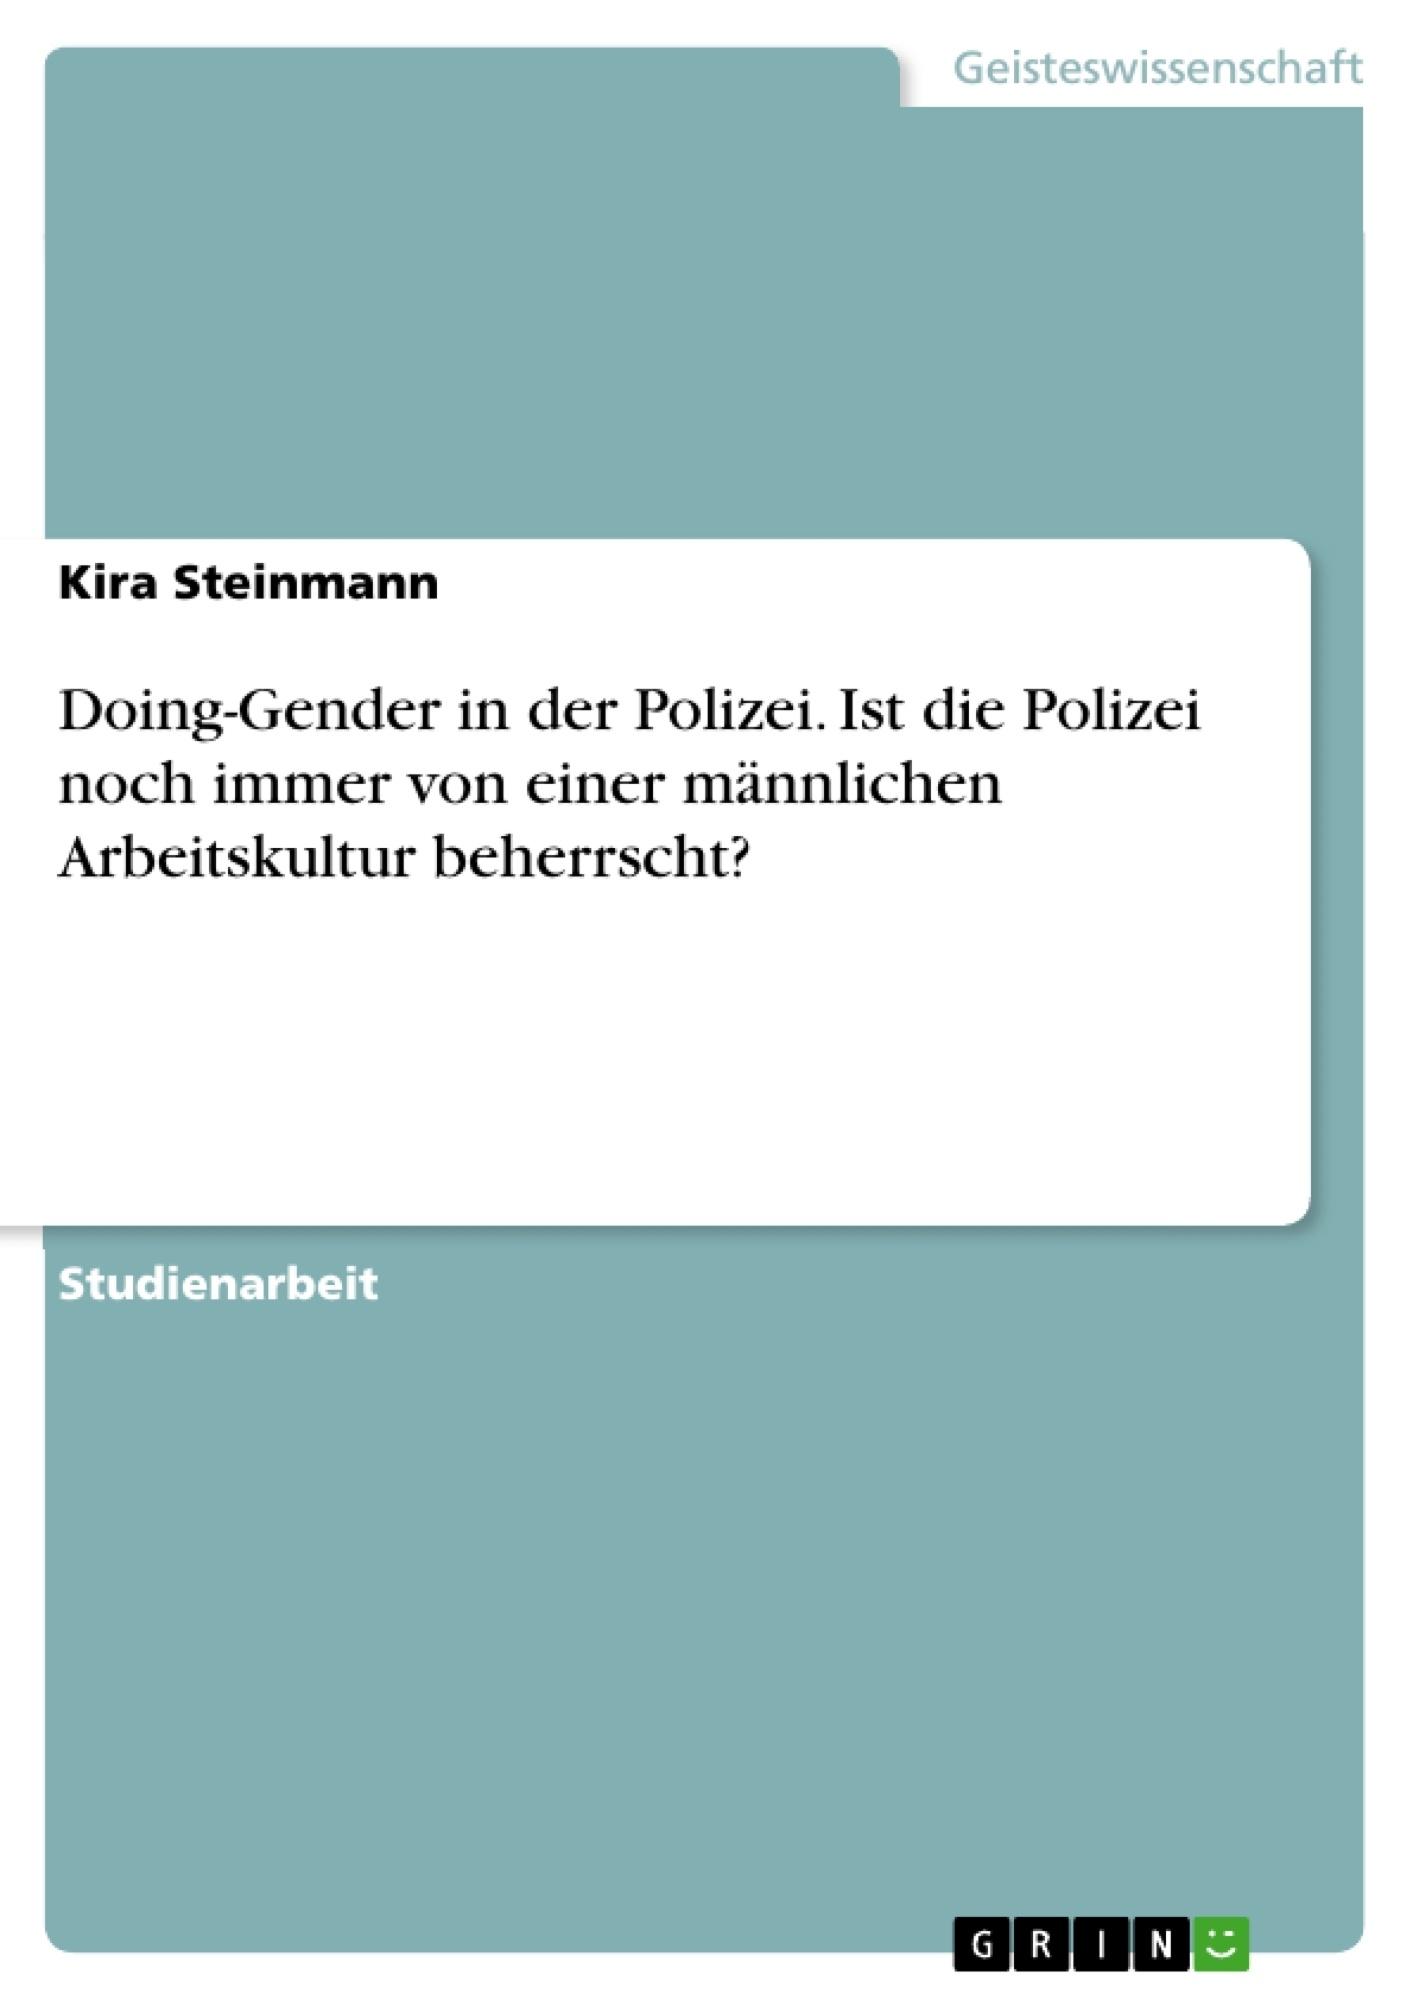 Titel: Doing-Gender in der Polizei. Ist die Polizei noch immer von einer männlichen Arbeitskultur beherrscht?